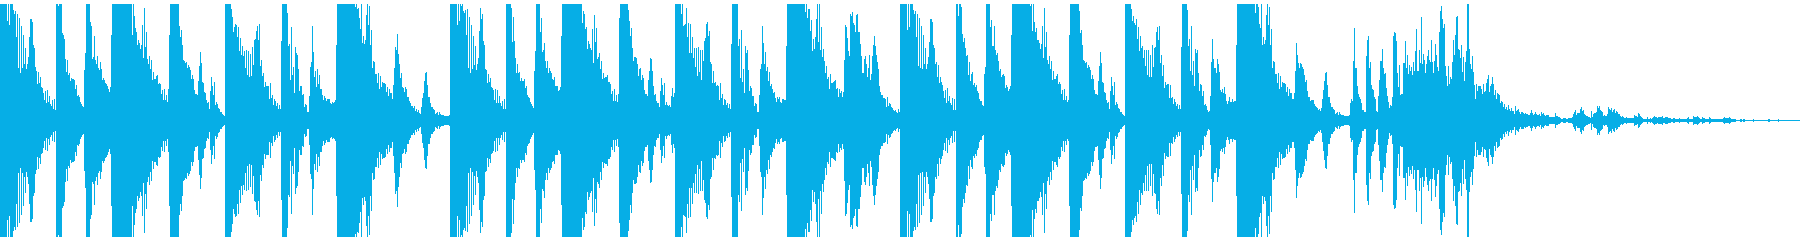 野性的なパーカッションを用いたジングルの再生済みの波形